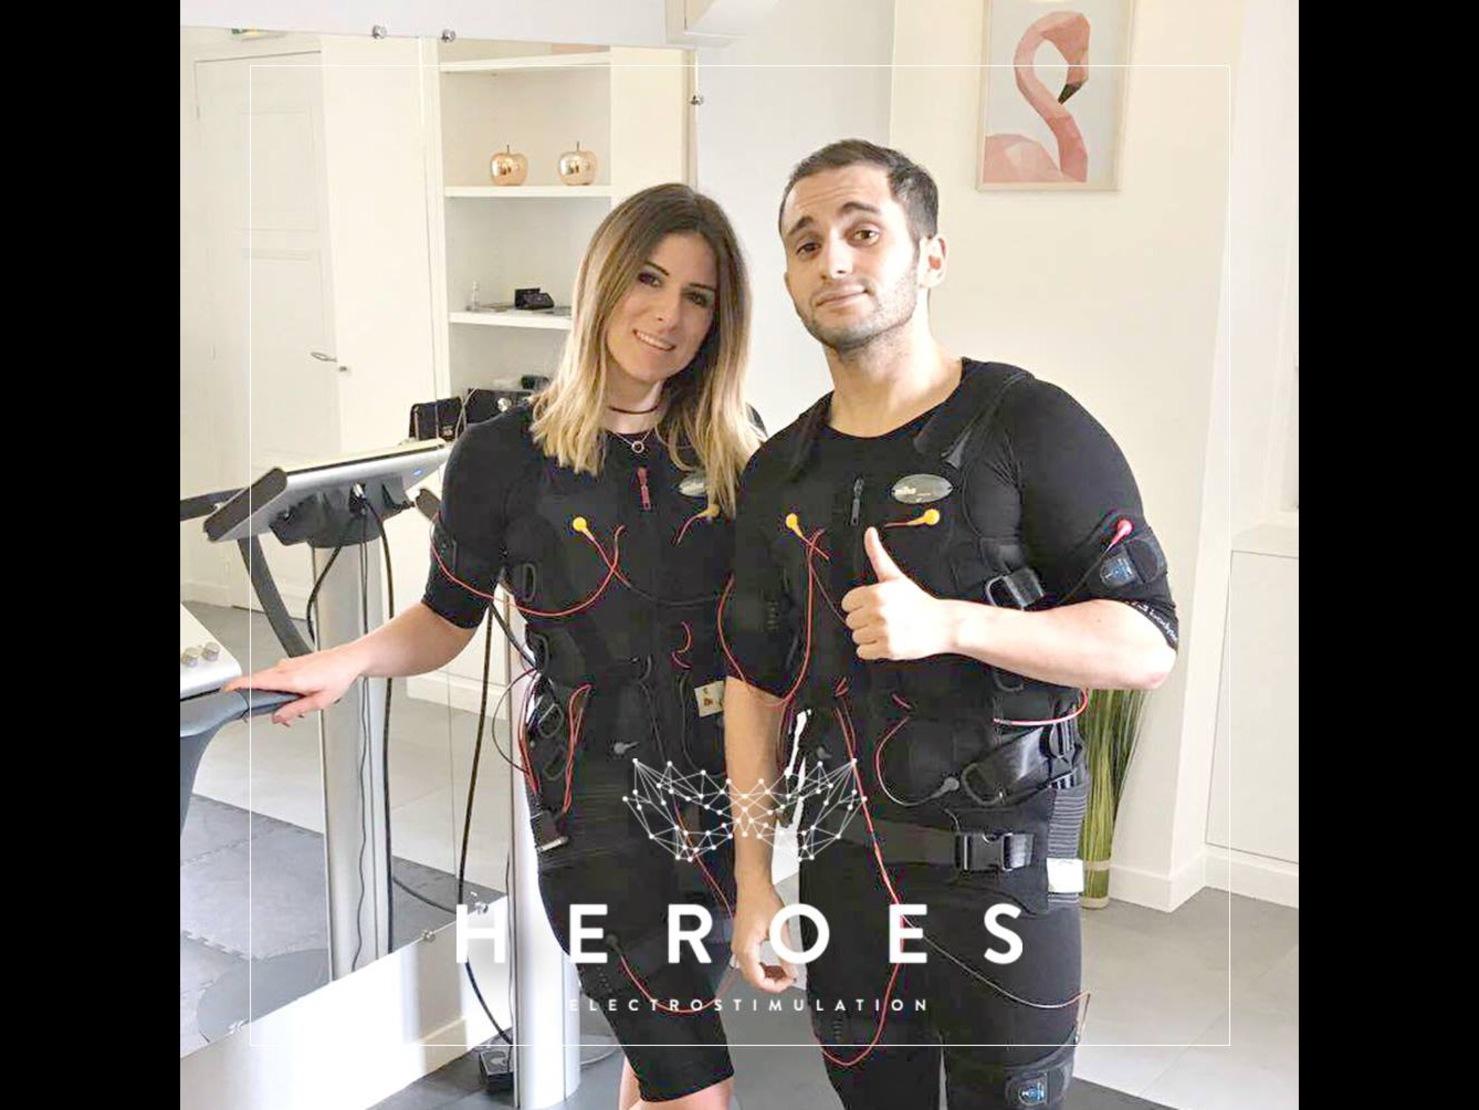 Heroes Paris